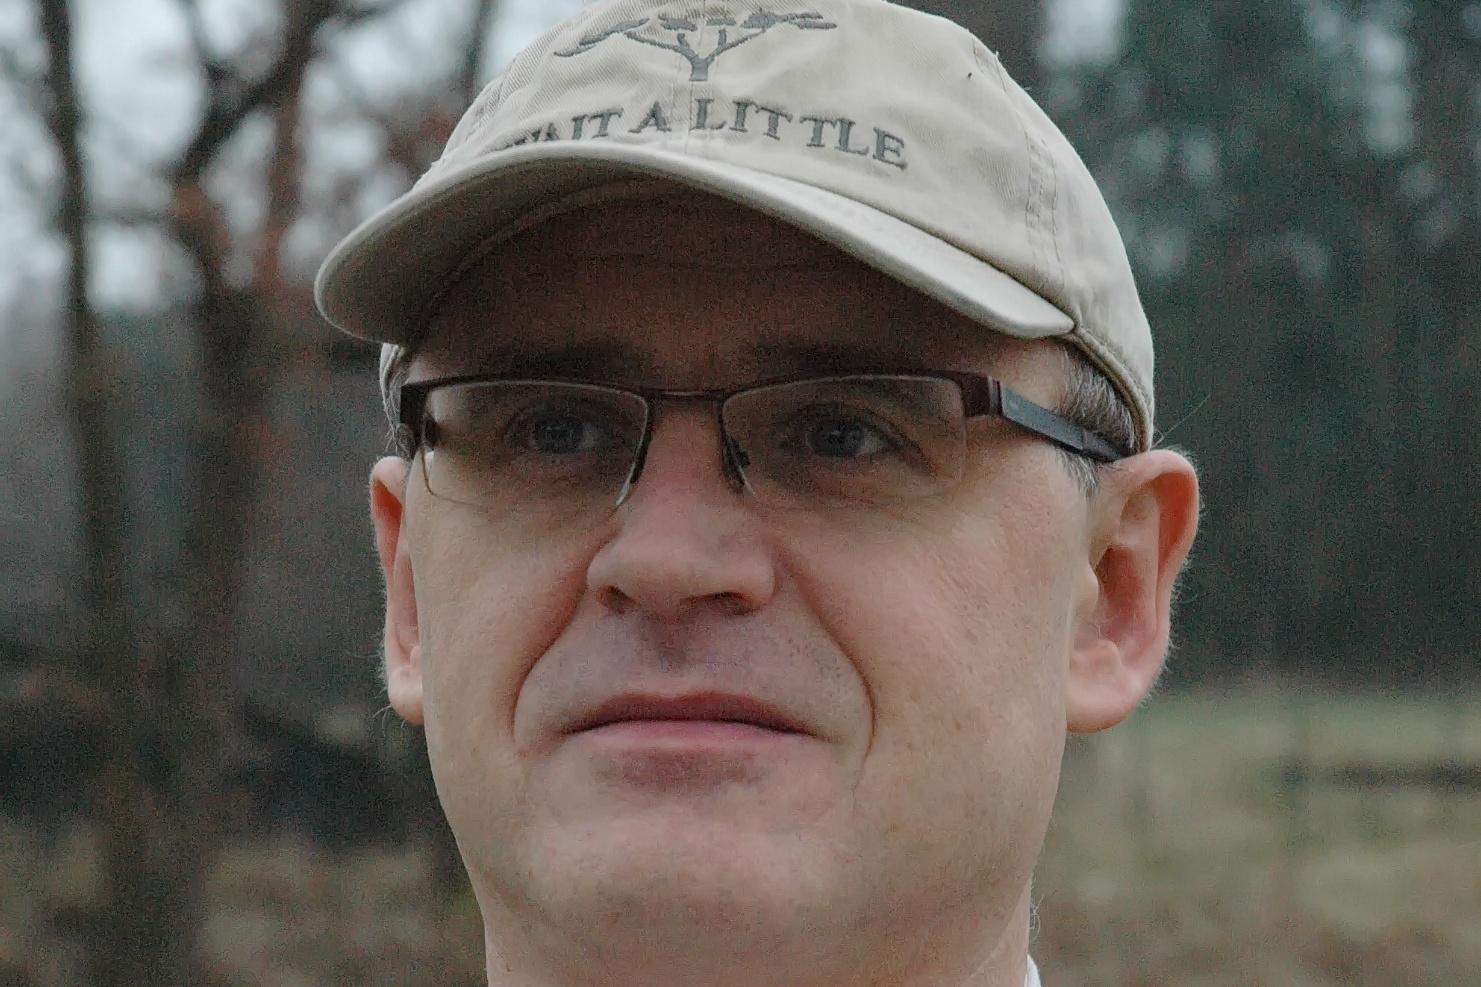 Tomáš Vašáry: Nejlepší pohled na svět, aneb proč jsme dosud přehlíželi koně